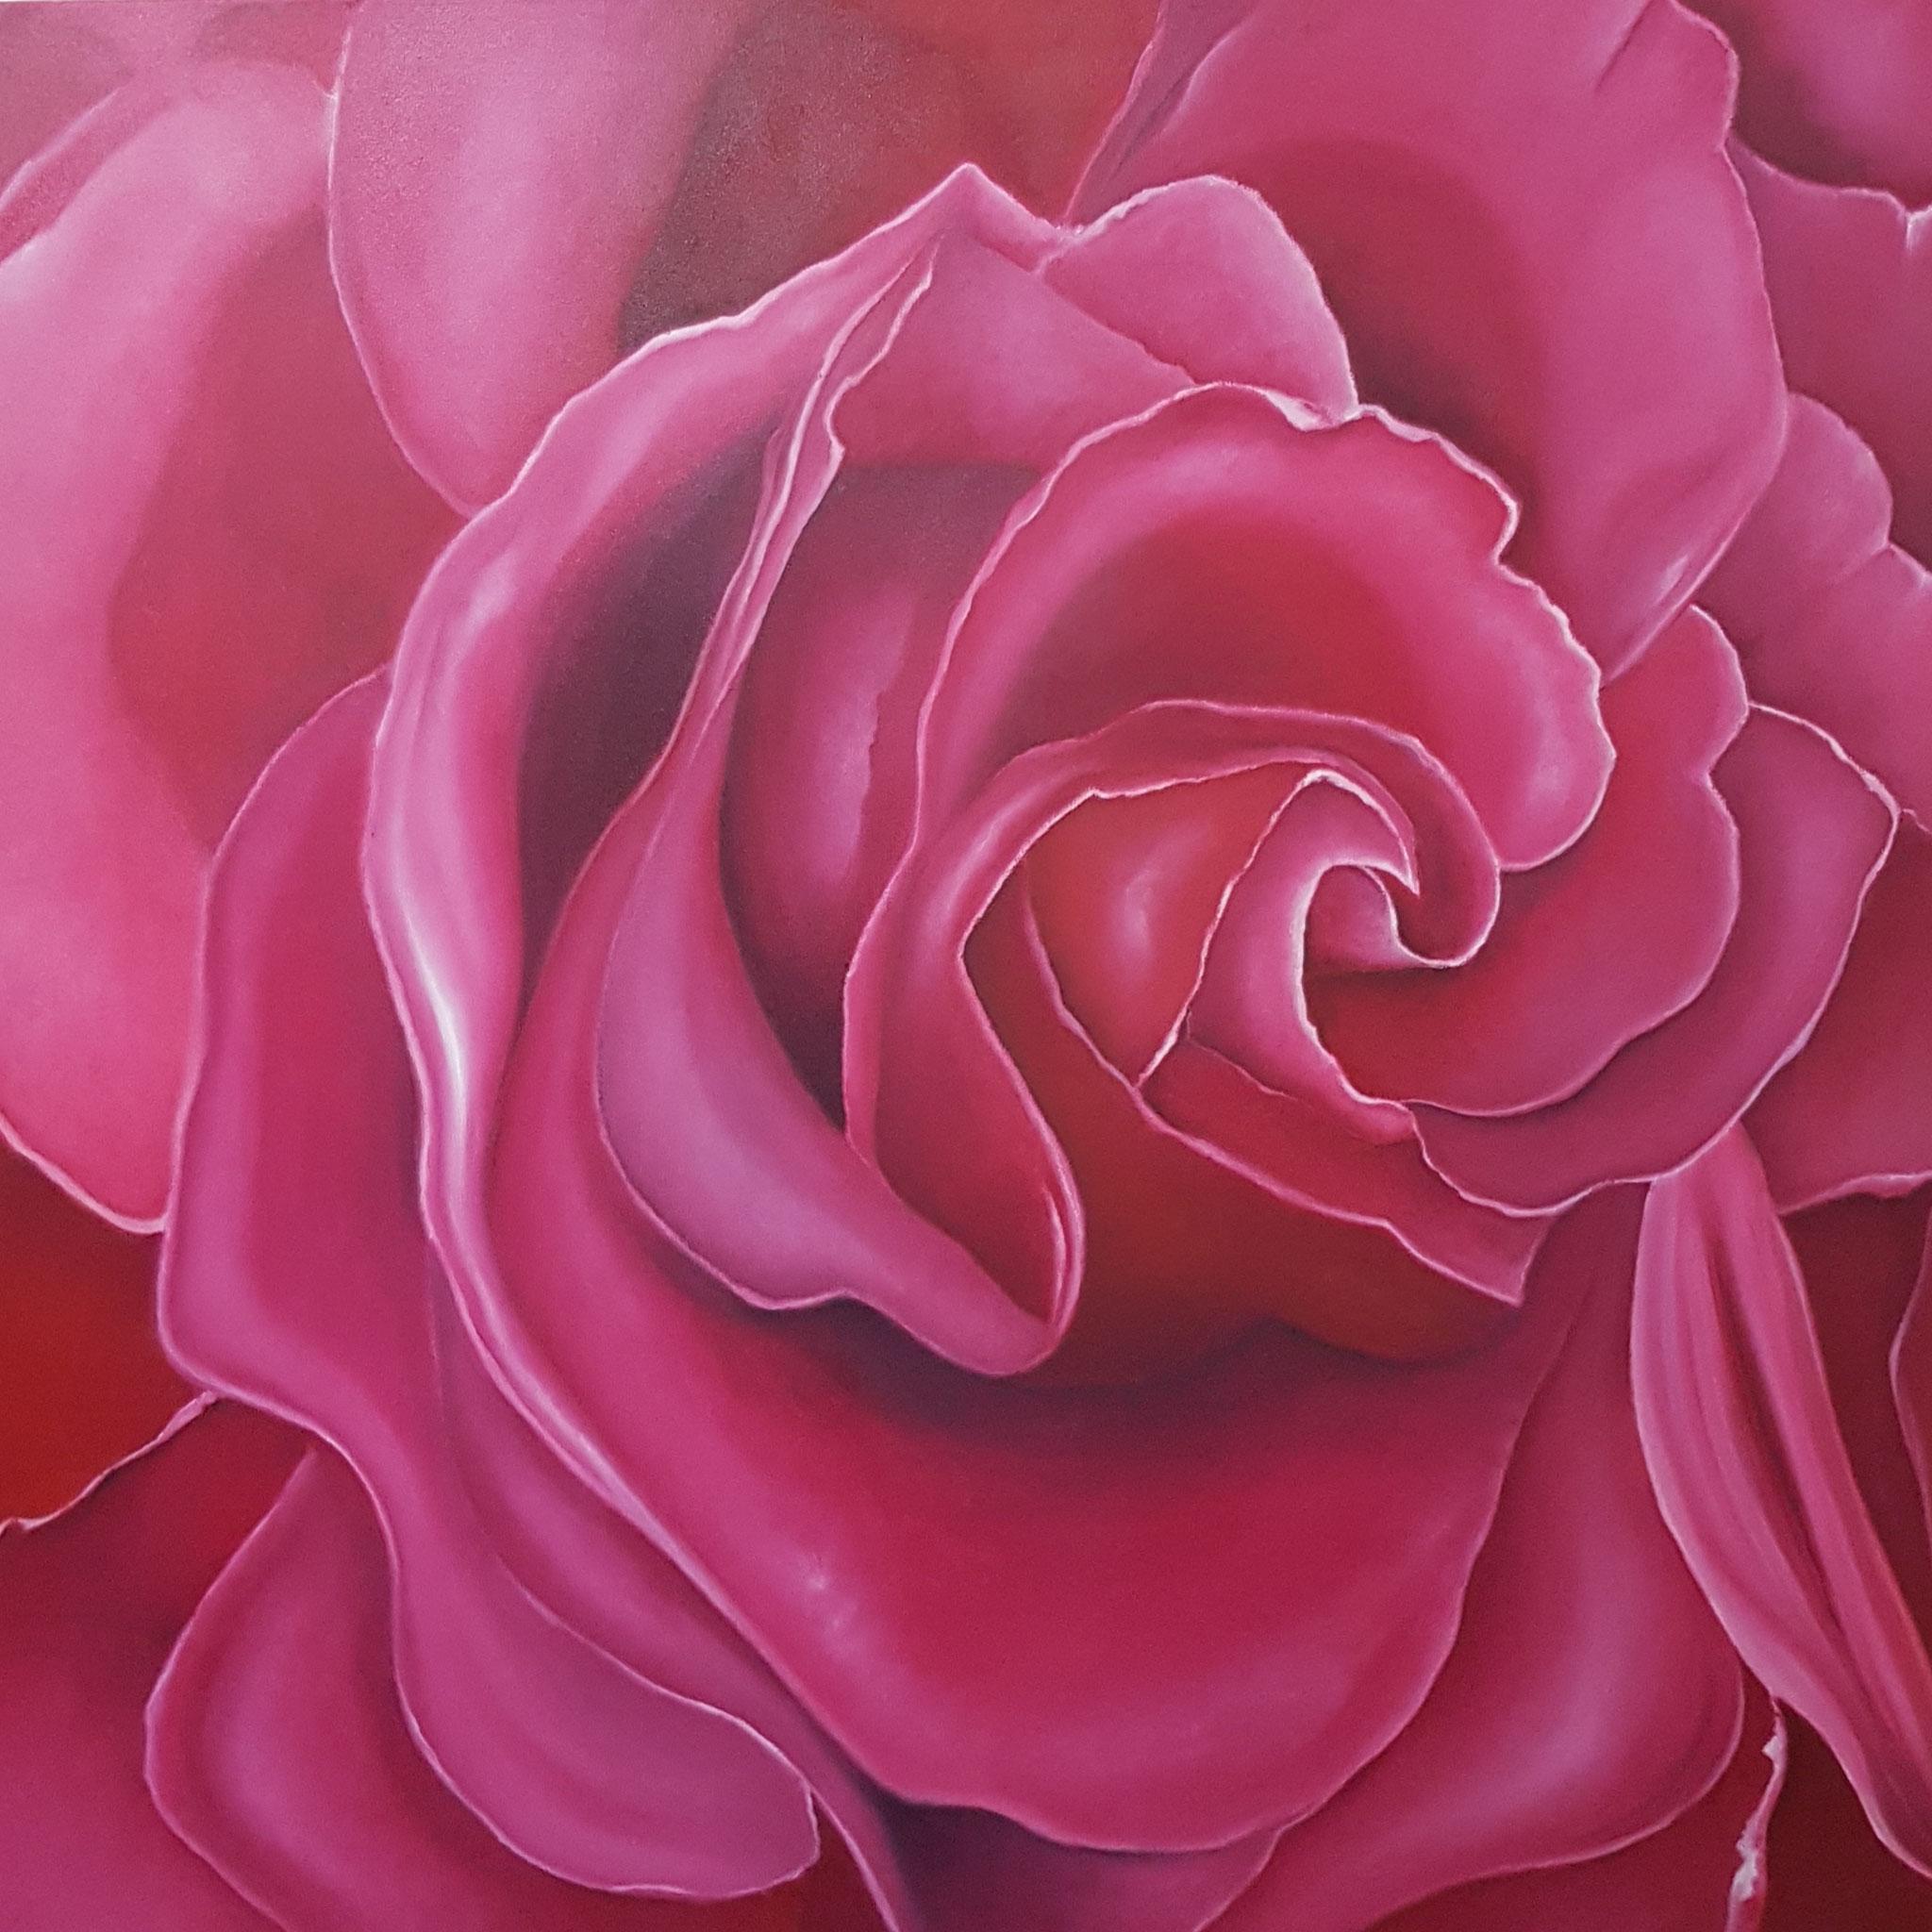 Rose-in-Pink-Rosenbild-Rheingau-100x100cm-realistische-Malerei-Malereien-Bilder-kaufen-mieten